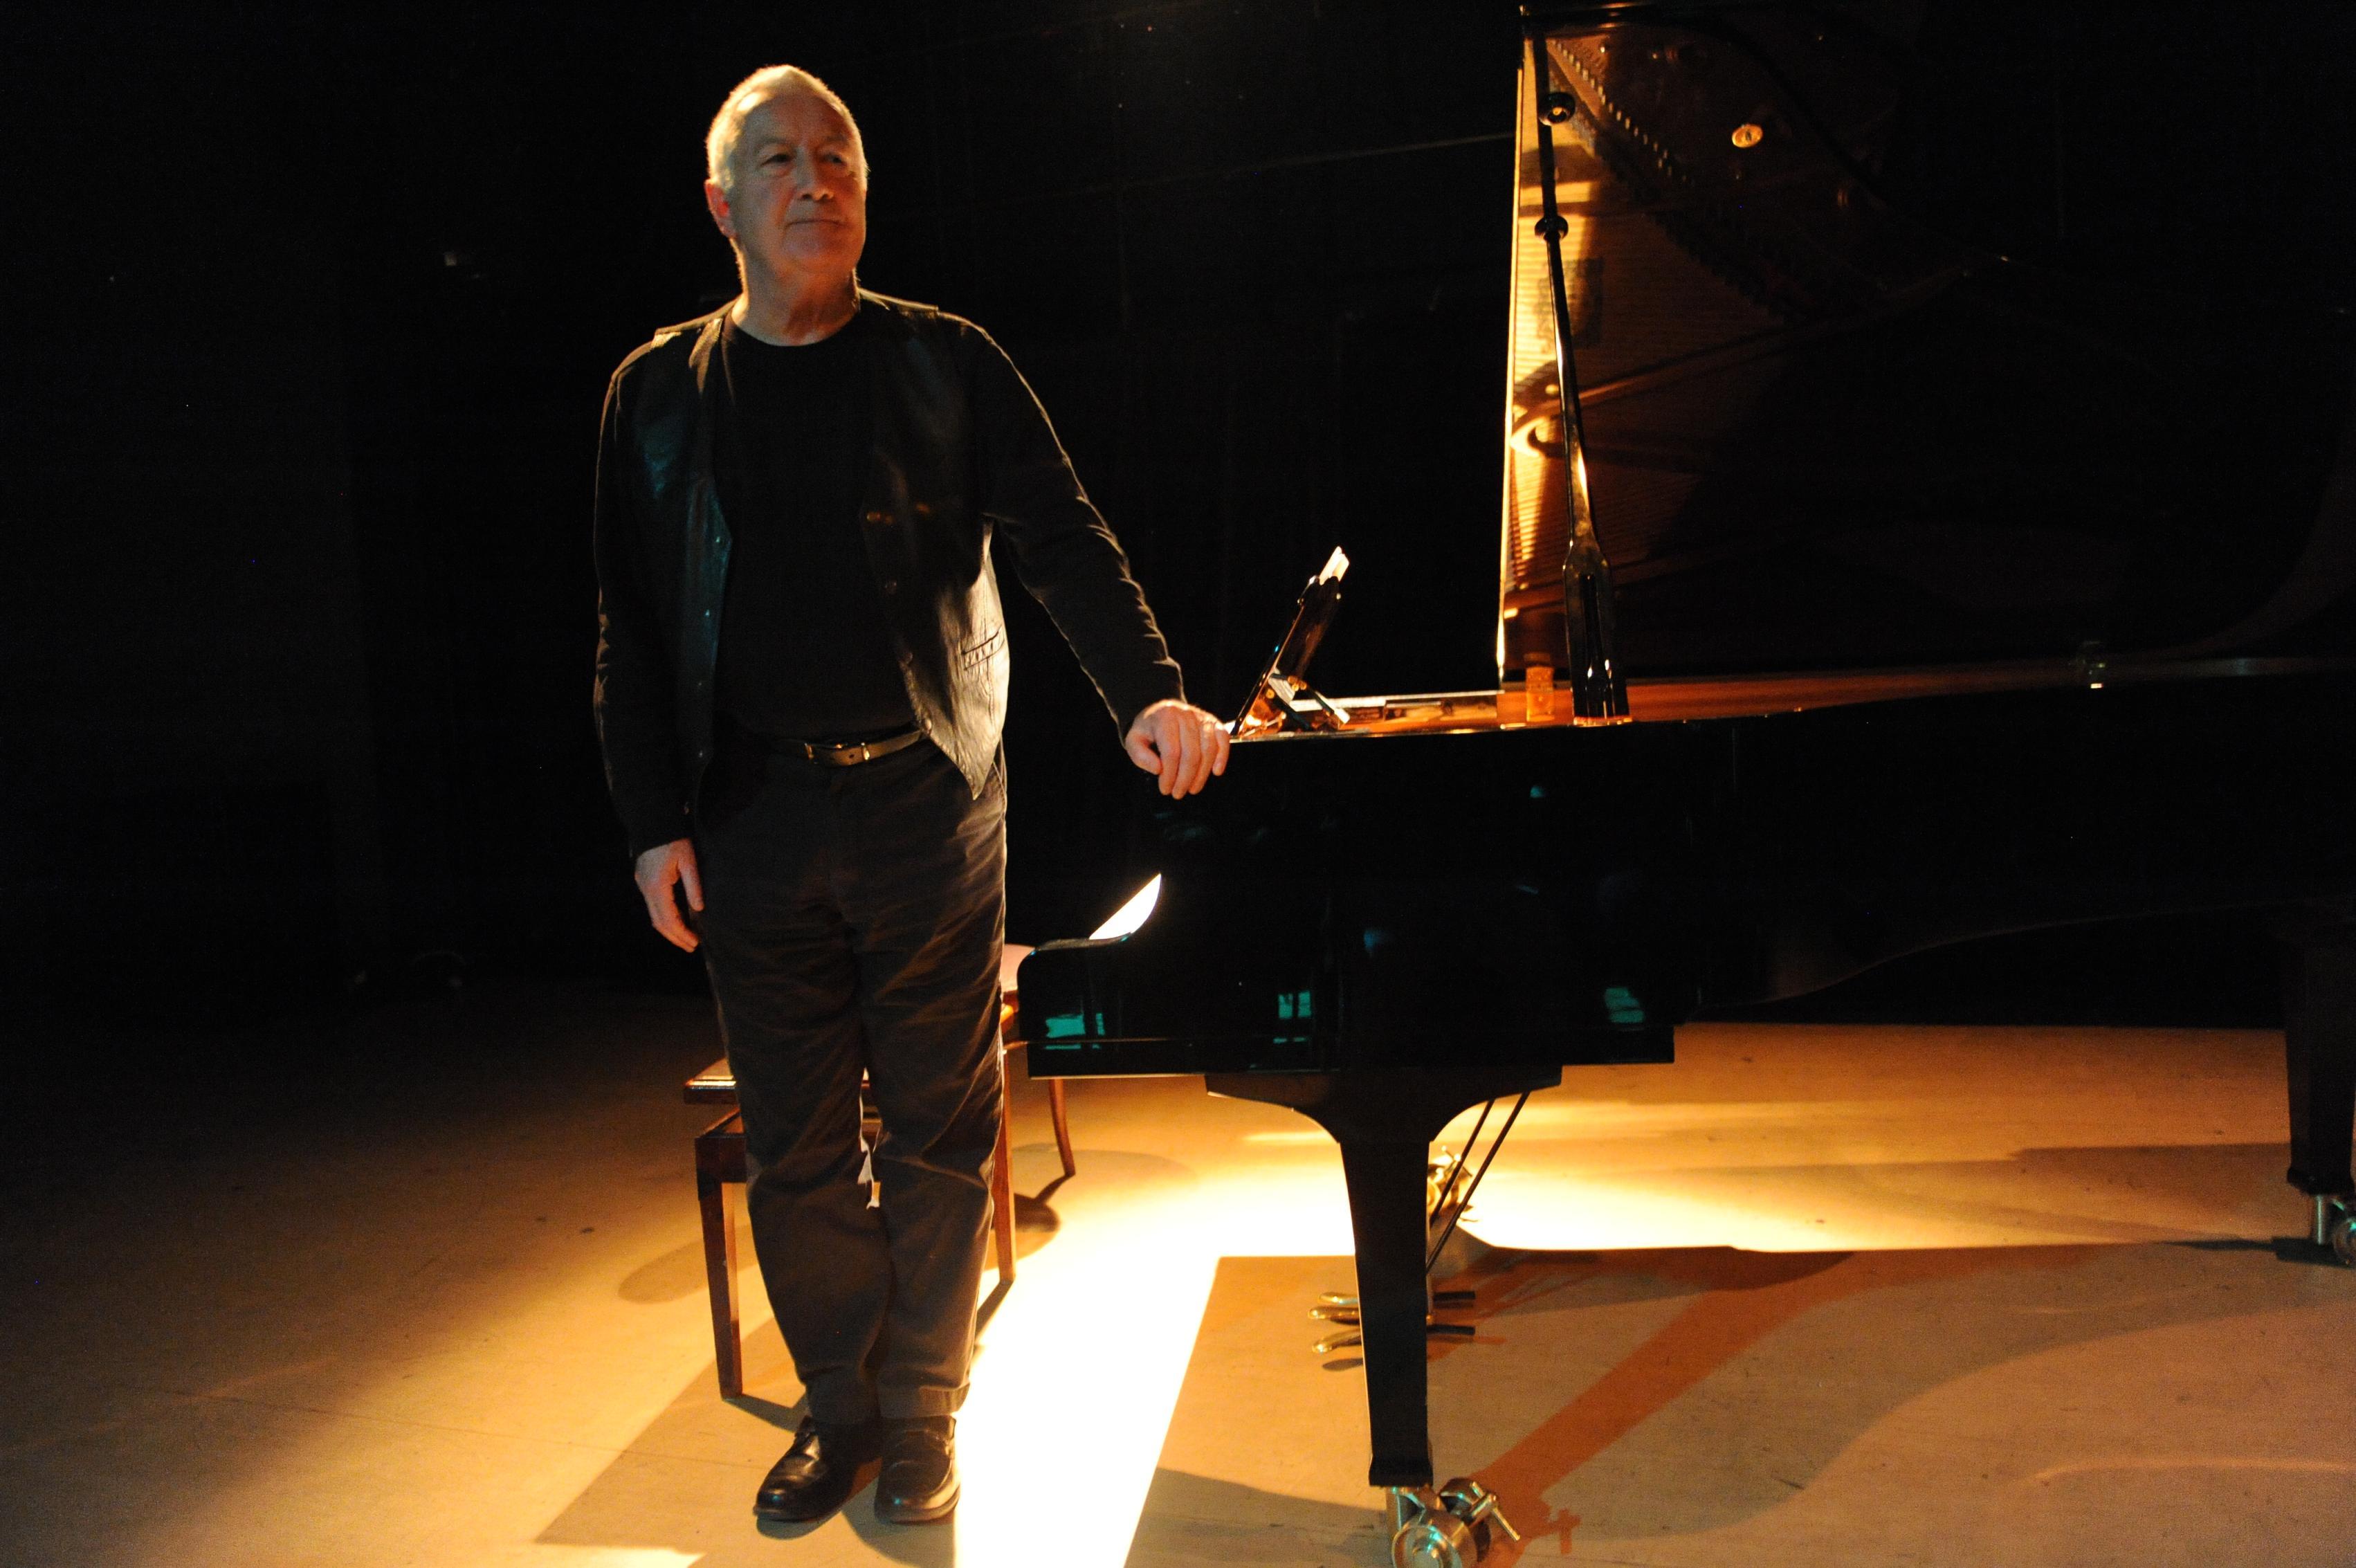 Musik i glappet – John Tilbury spelar Morton Feldman